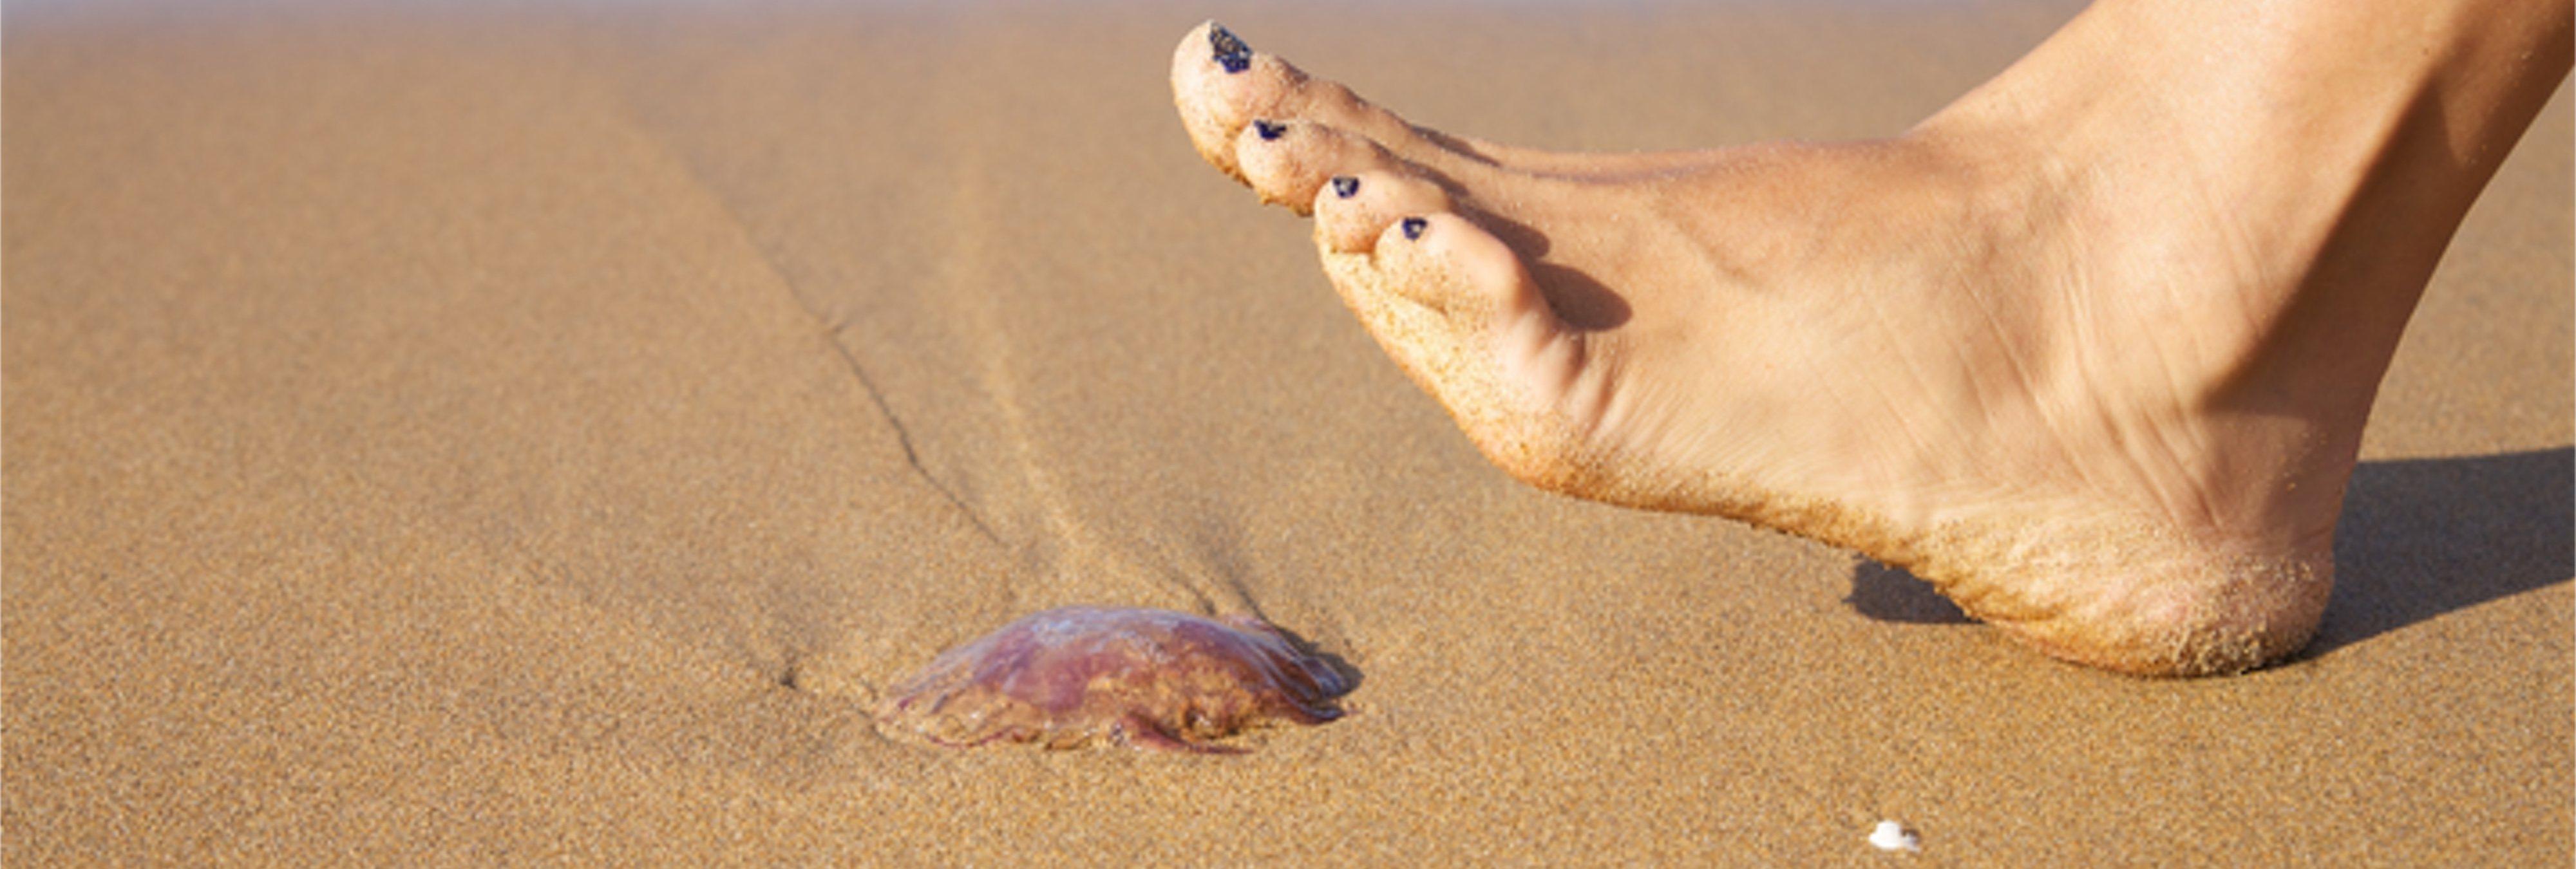 Vinagre contra las picaduras de medusa: ¿Verdad o mito?